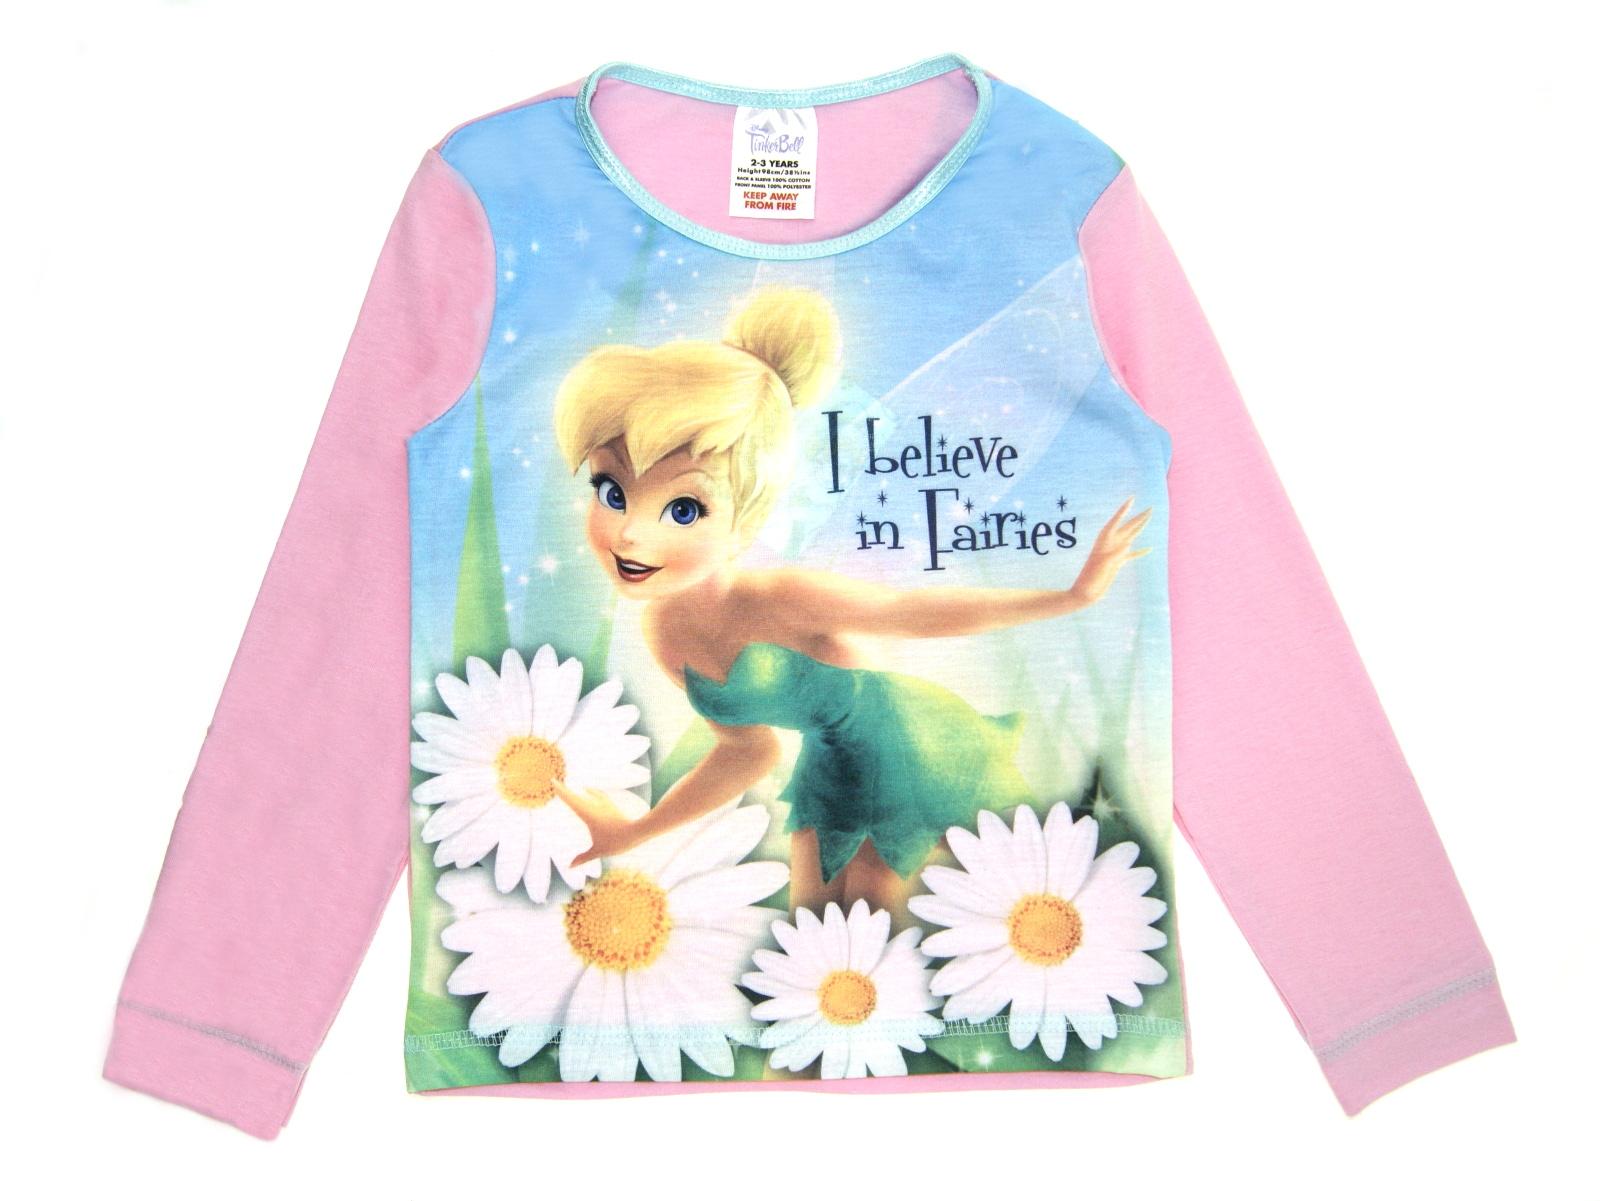 e5599e42d91 Disney Tinkerbell Long Pyjamas Girls Fairy 2 Piece Pjs Set Kids ...